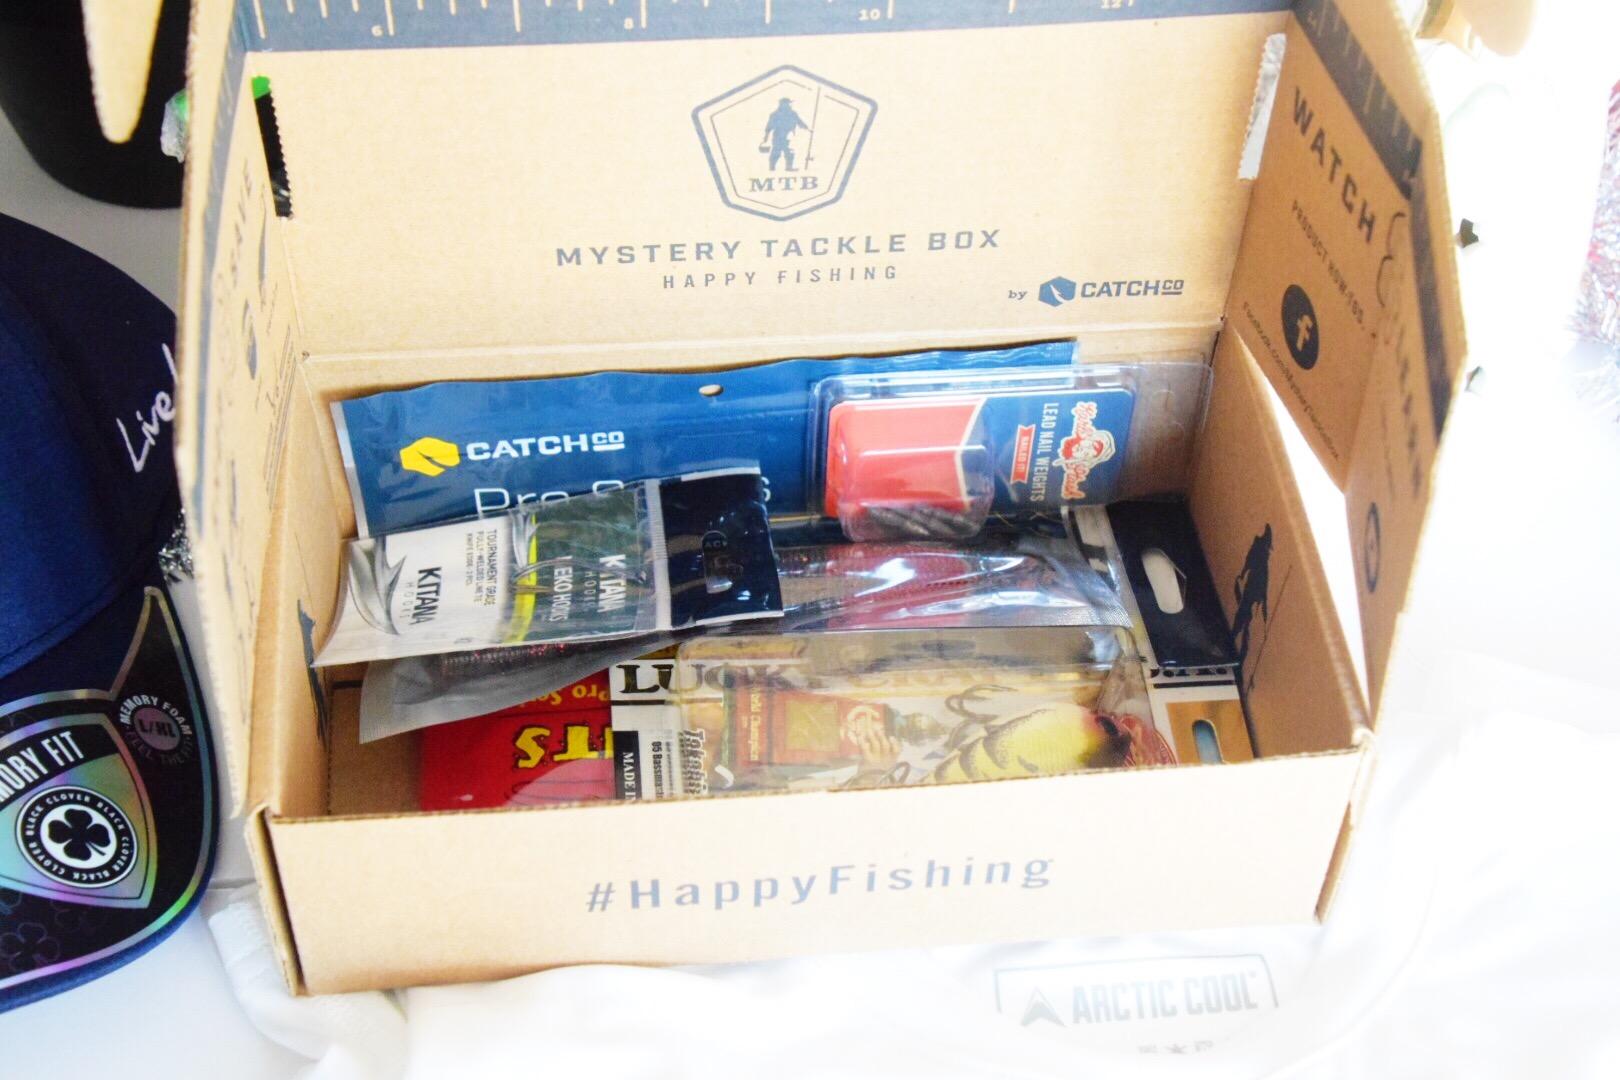 2017 Christmas Gift Guide for Men - Houston Lifestyle Blogger - Babbleboxx Review (8).JPG